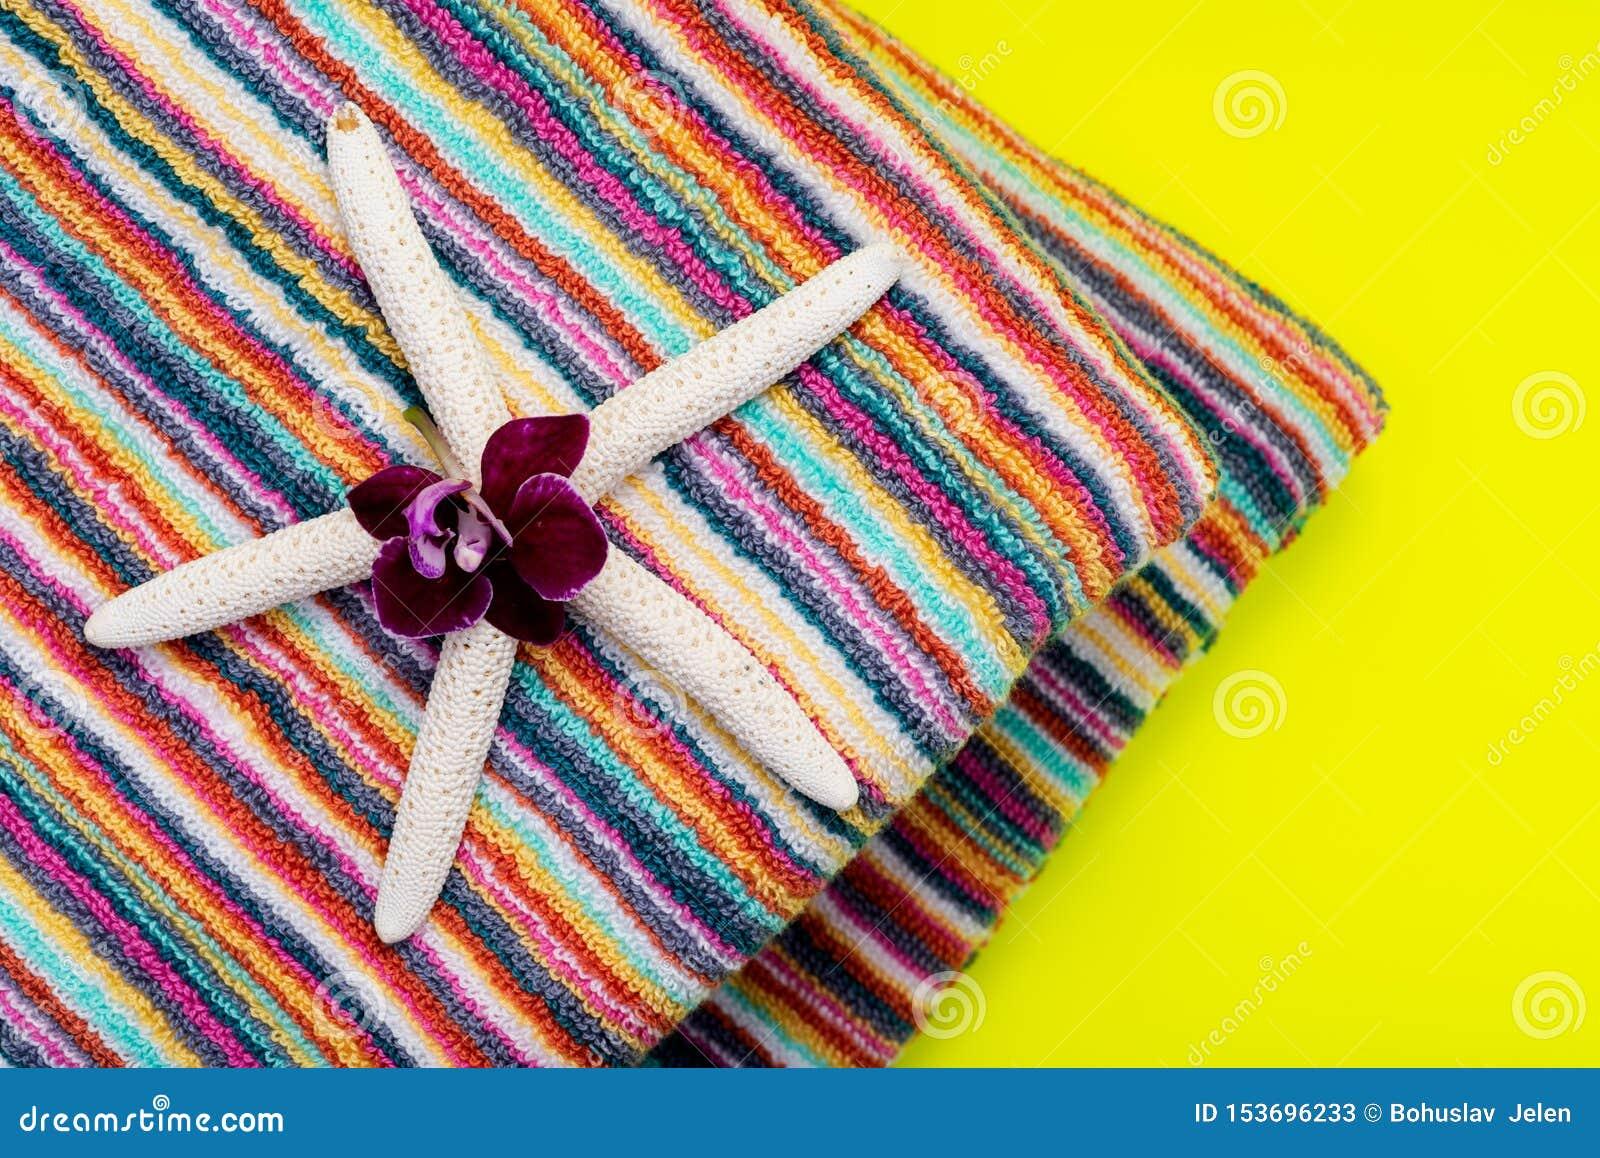 Fałdowi Kolorowi Pasiaści Organicznie Bawełniani Plażowi ręczniki dekorujący z Białego palca rozgwiazdą i Storczykowym kwiatem na